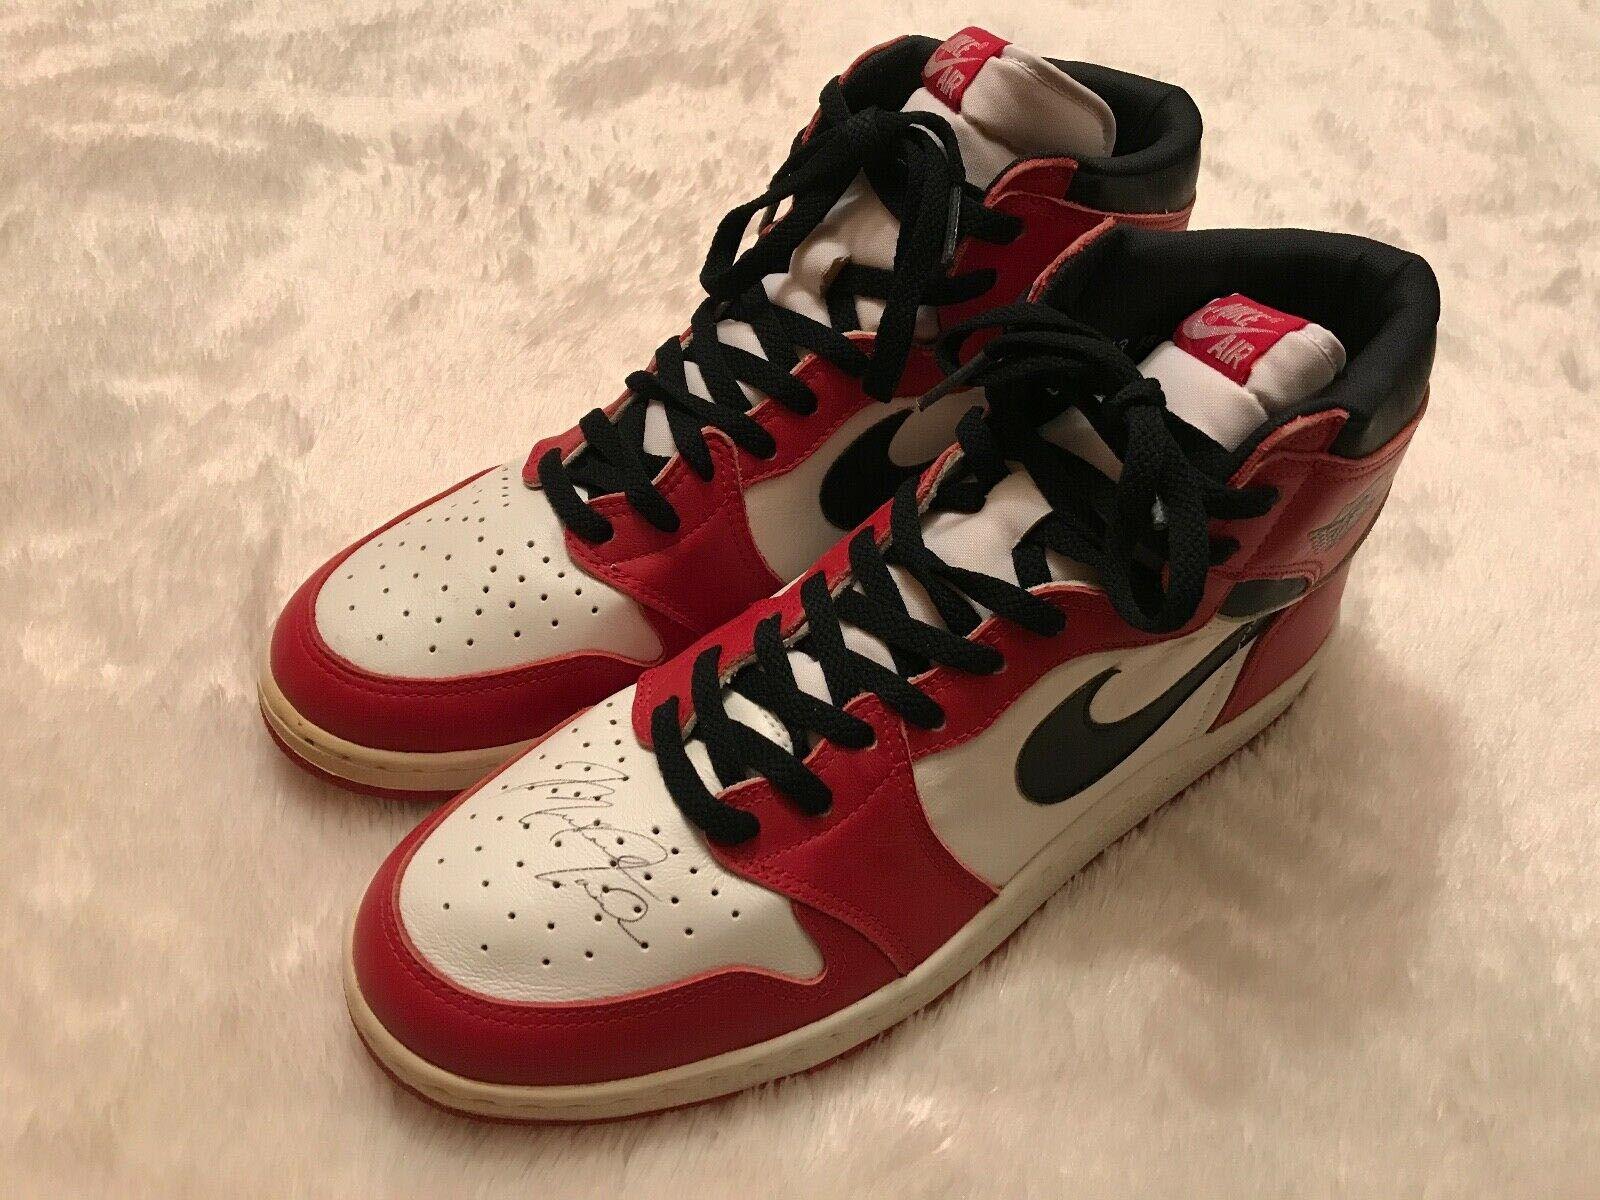 Michael Jordan-Signed Air Jordan 1s Are Up for  Million on eBay